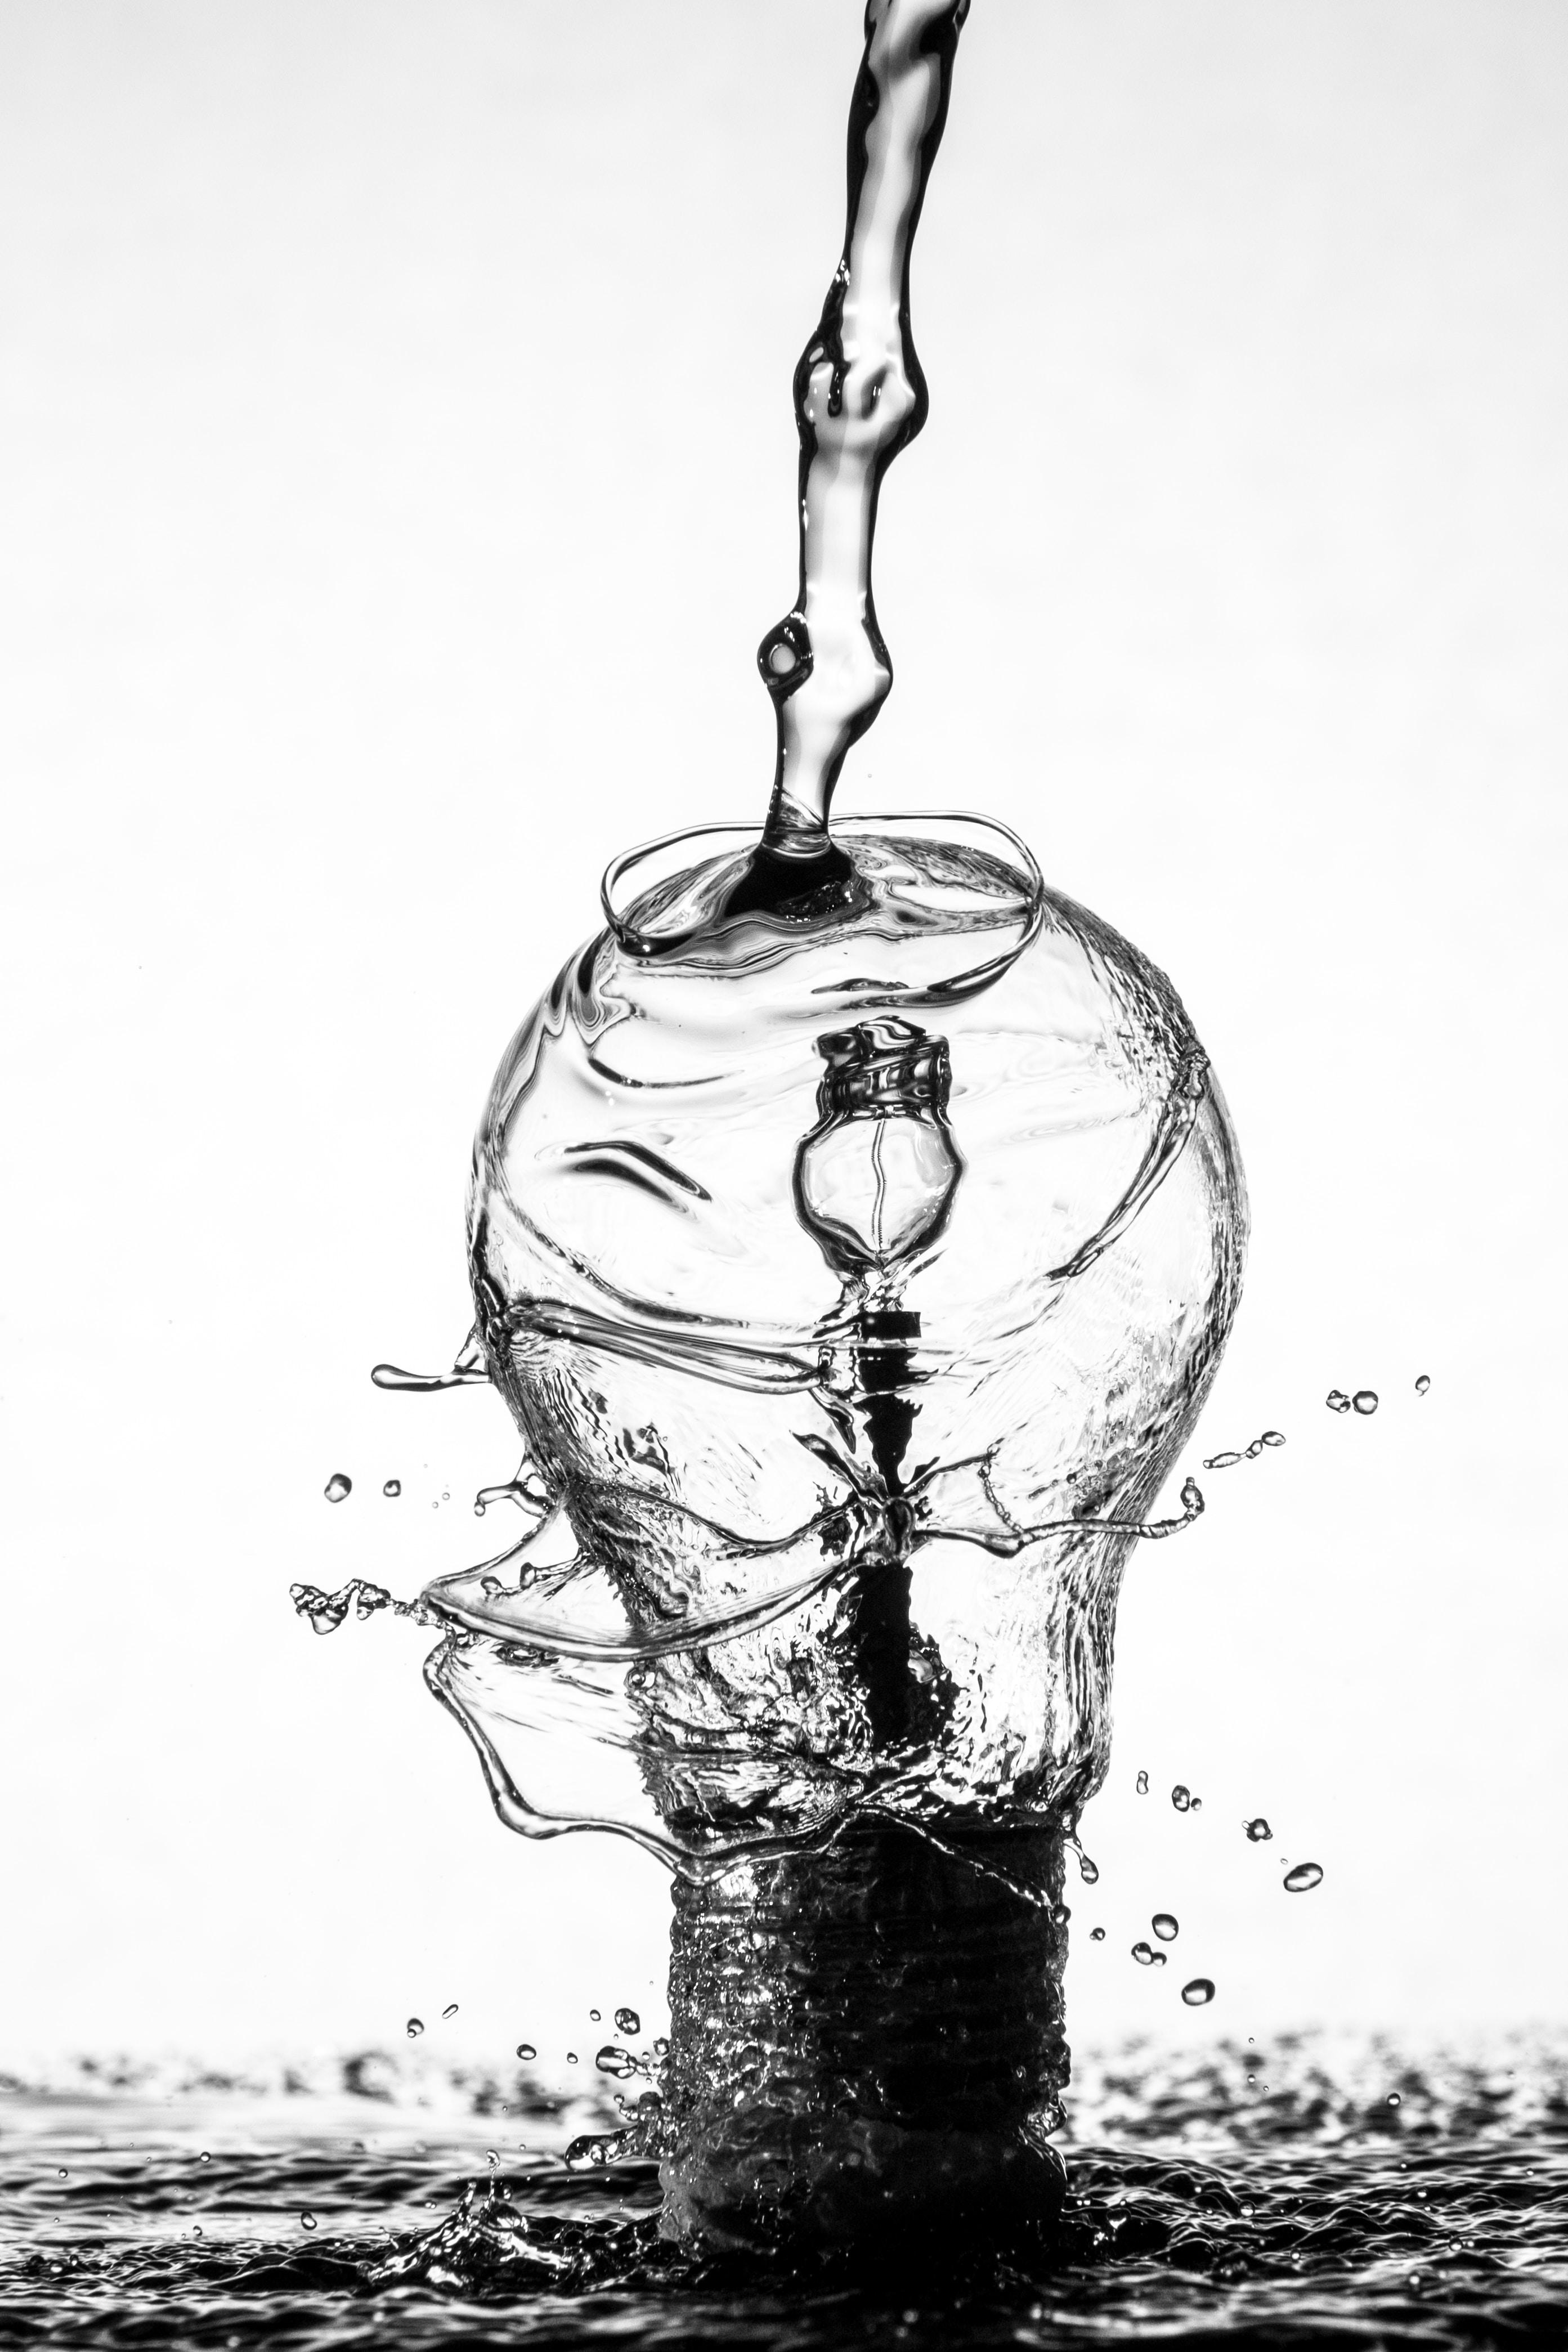 Water splashing against a lightbulb